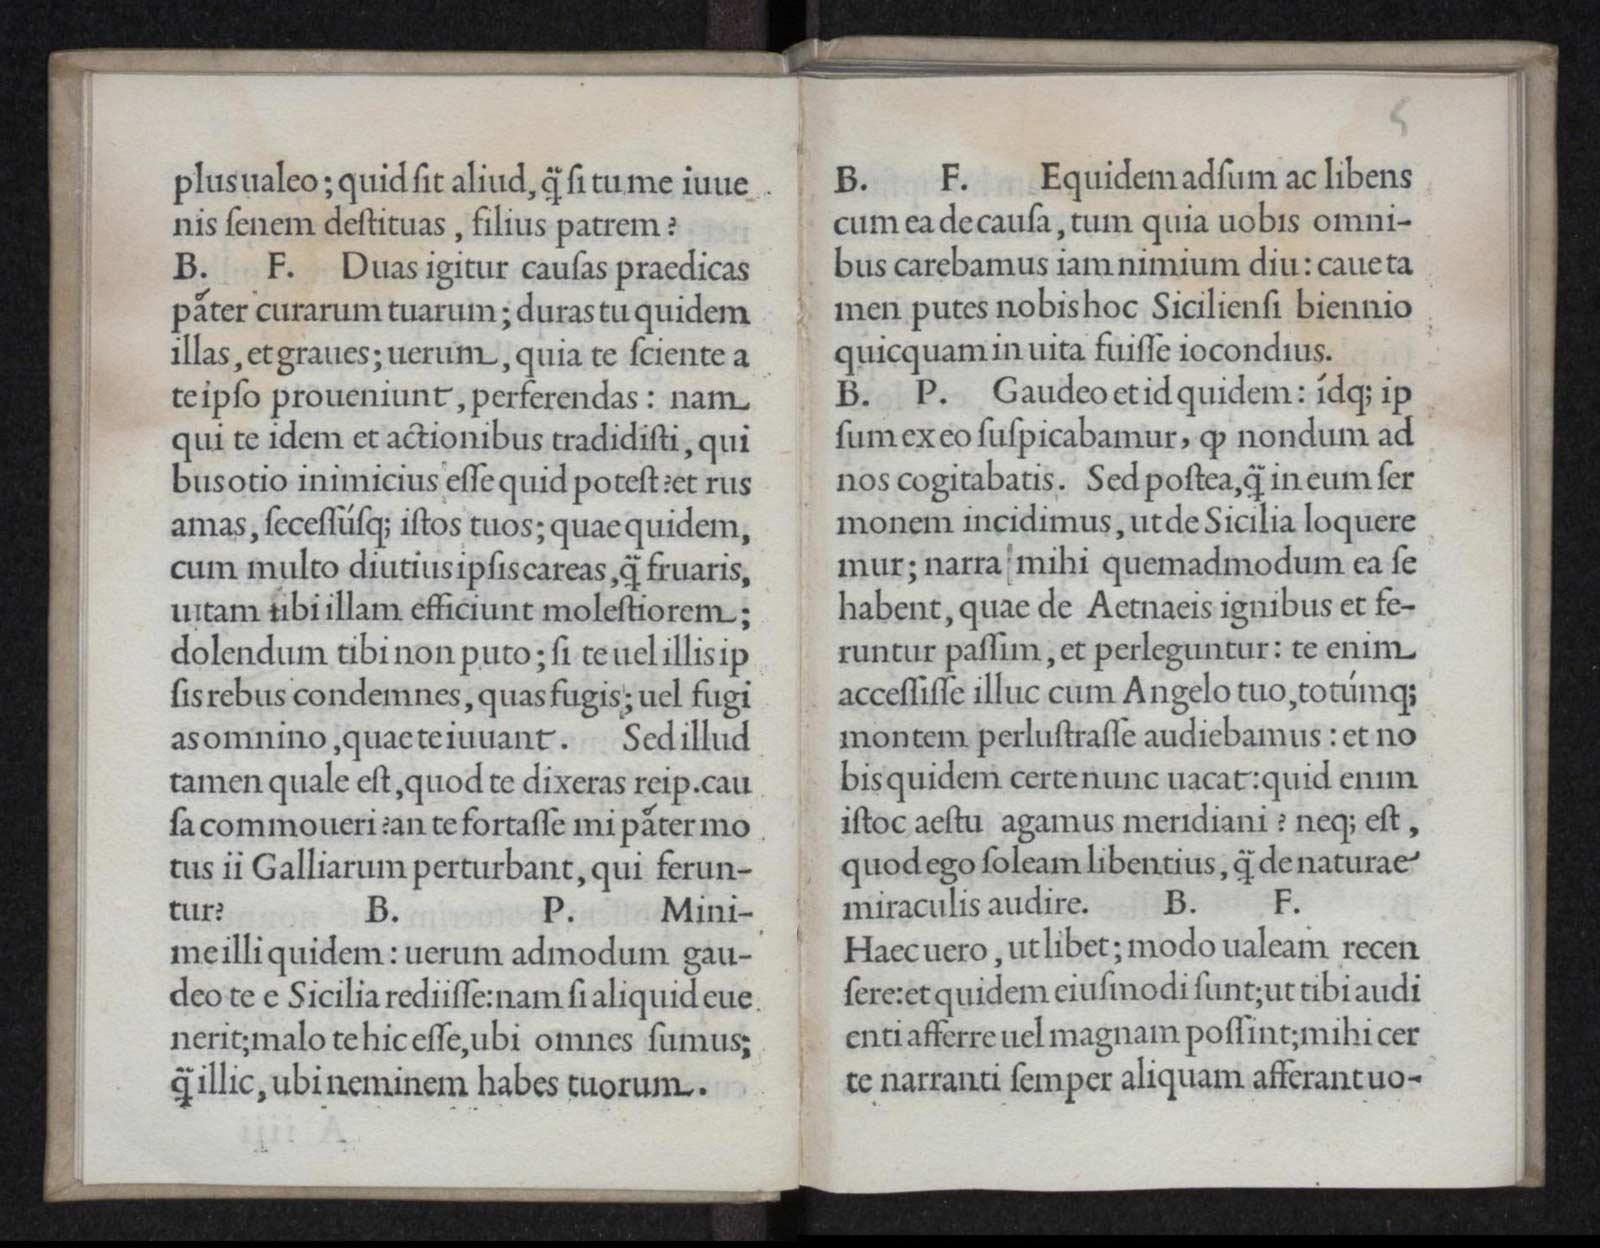 1495-DeAetna-ita-bnc-ald-00000039-001_0016